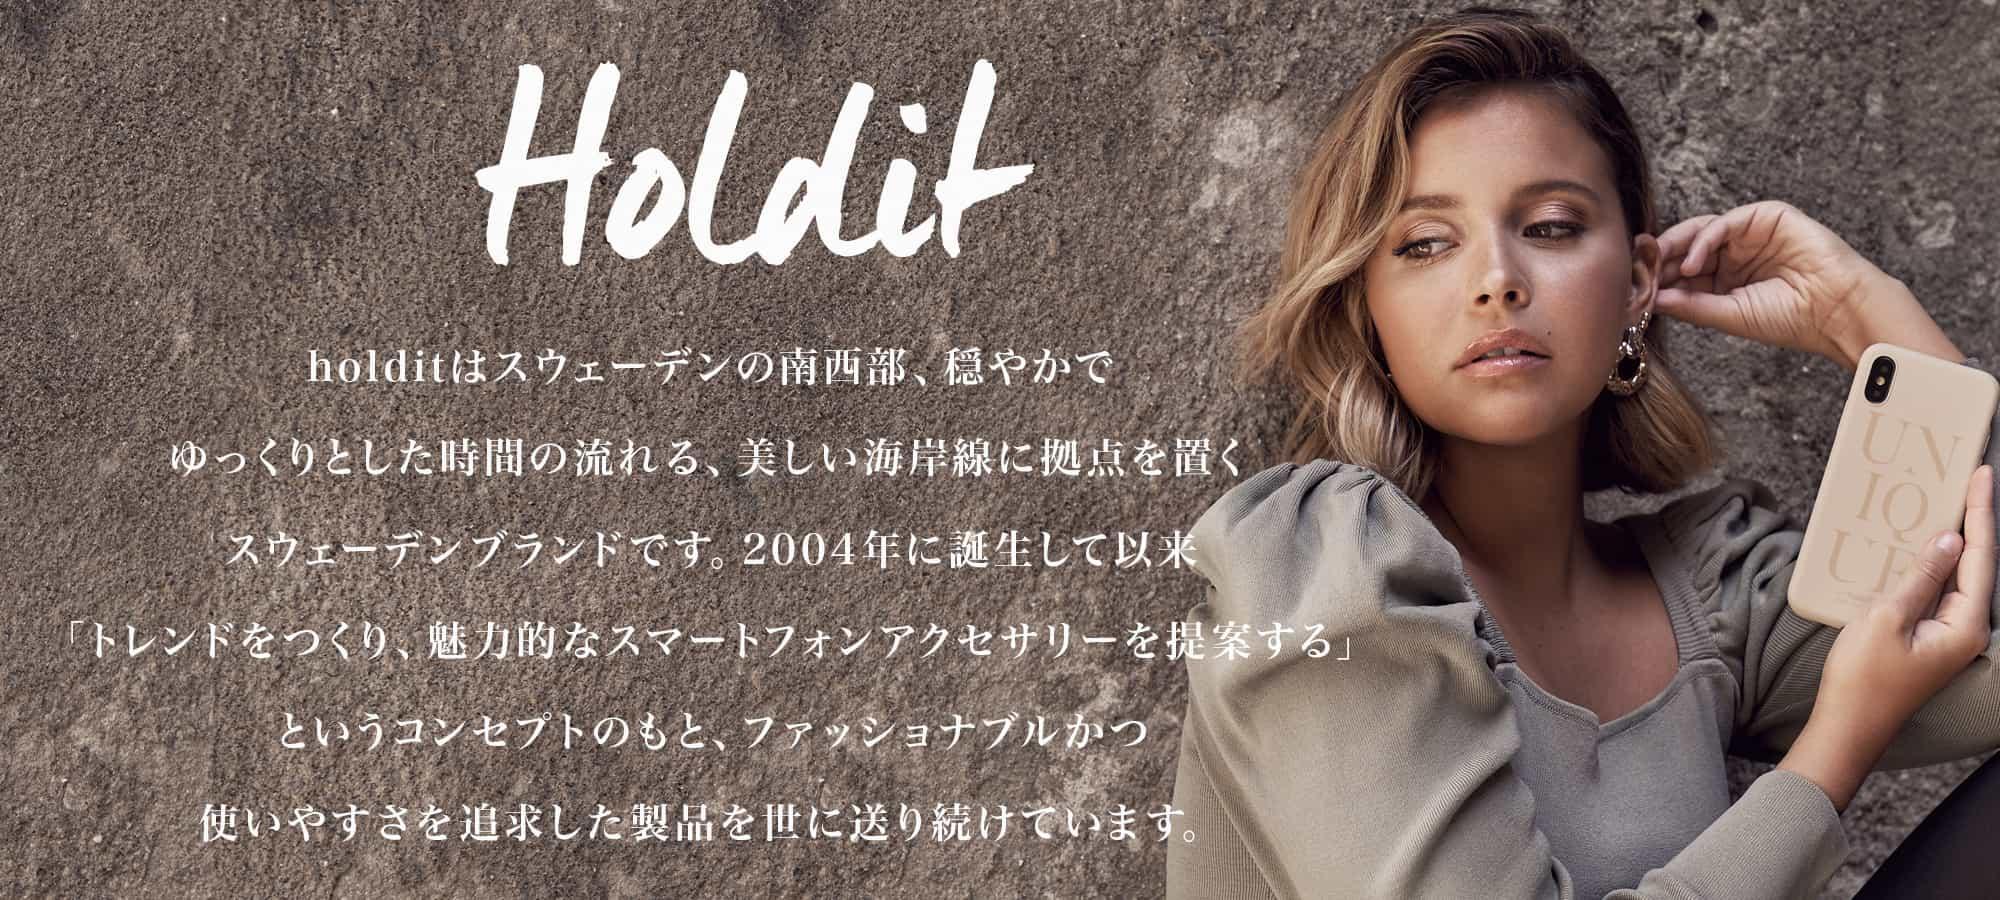 holditブランドイメージ